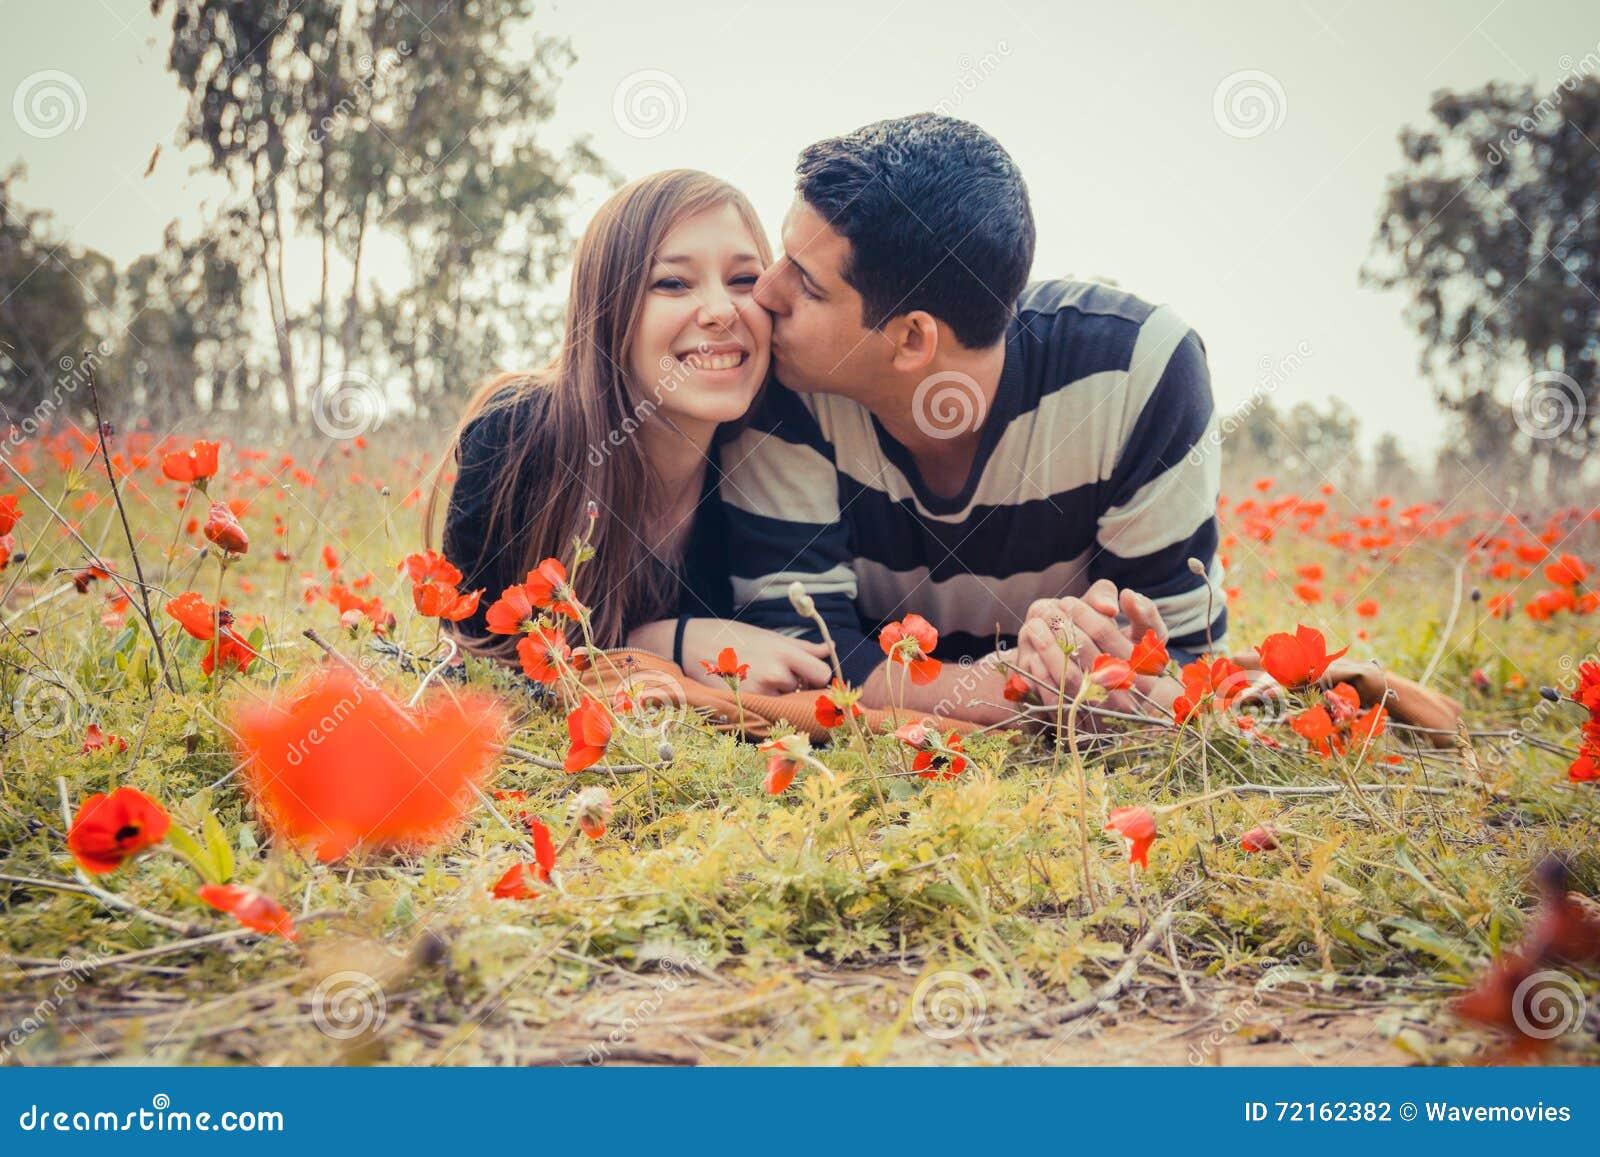 Man kussende vrouw en zij heeft een toothy glimlach terwijl zij die o leggen